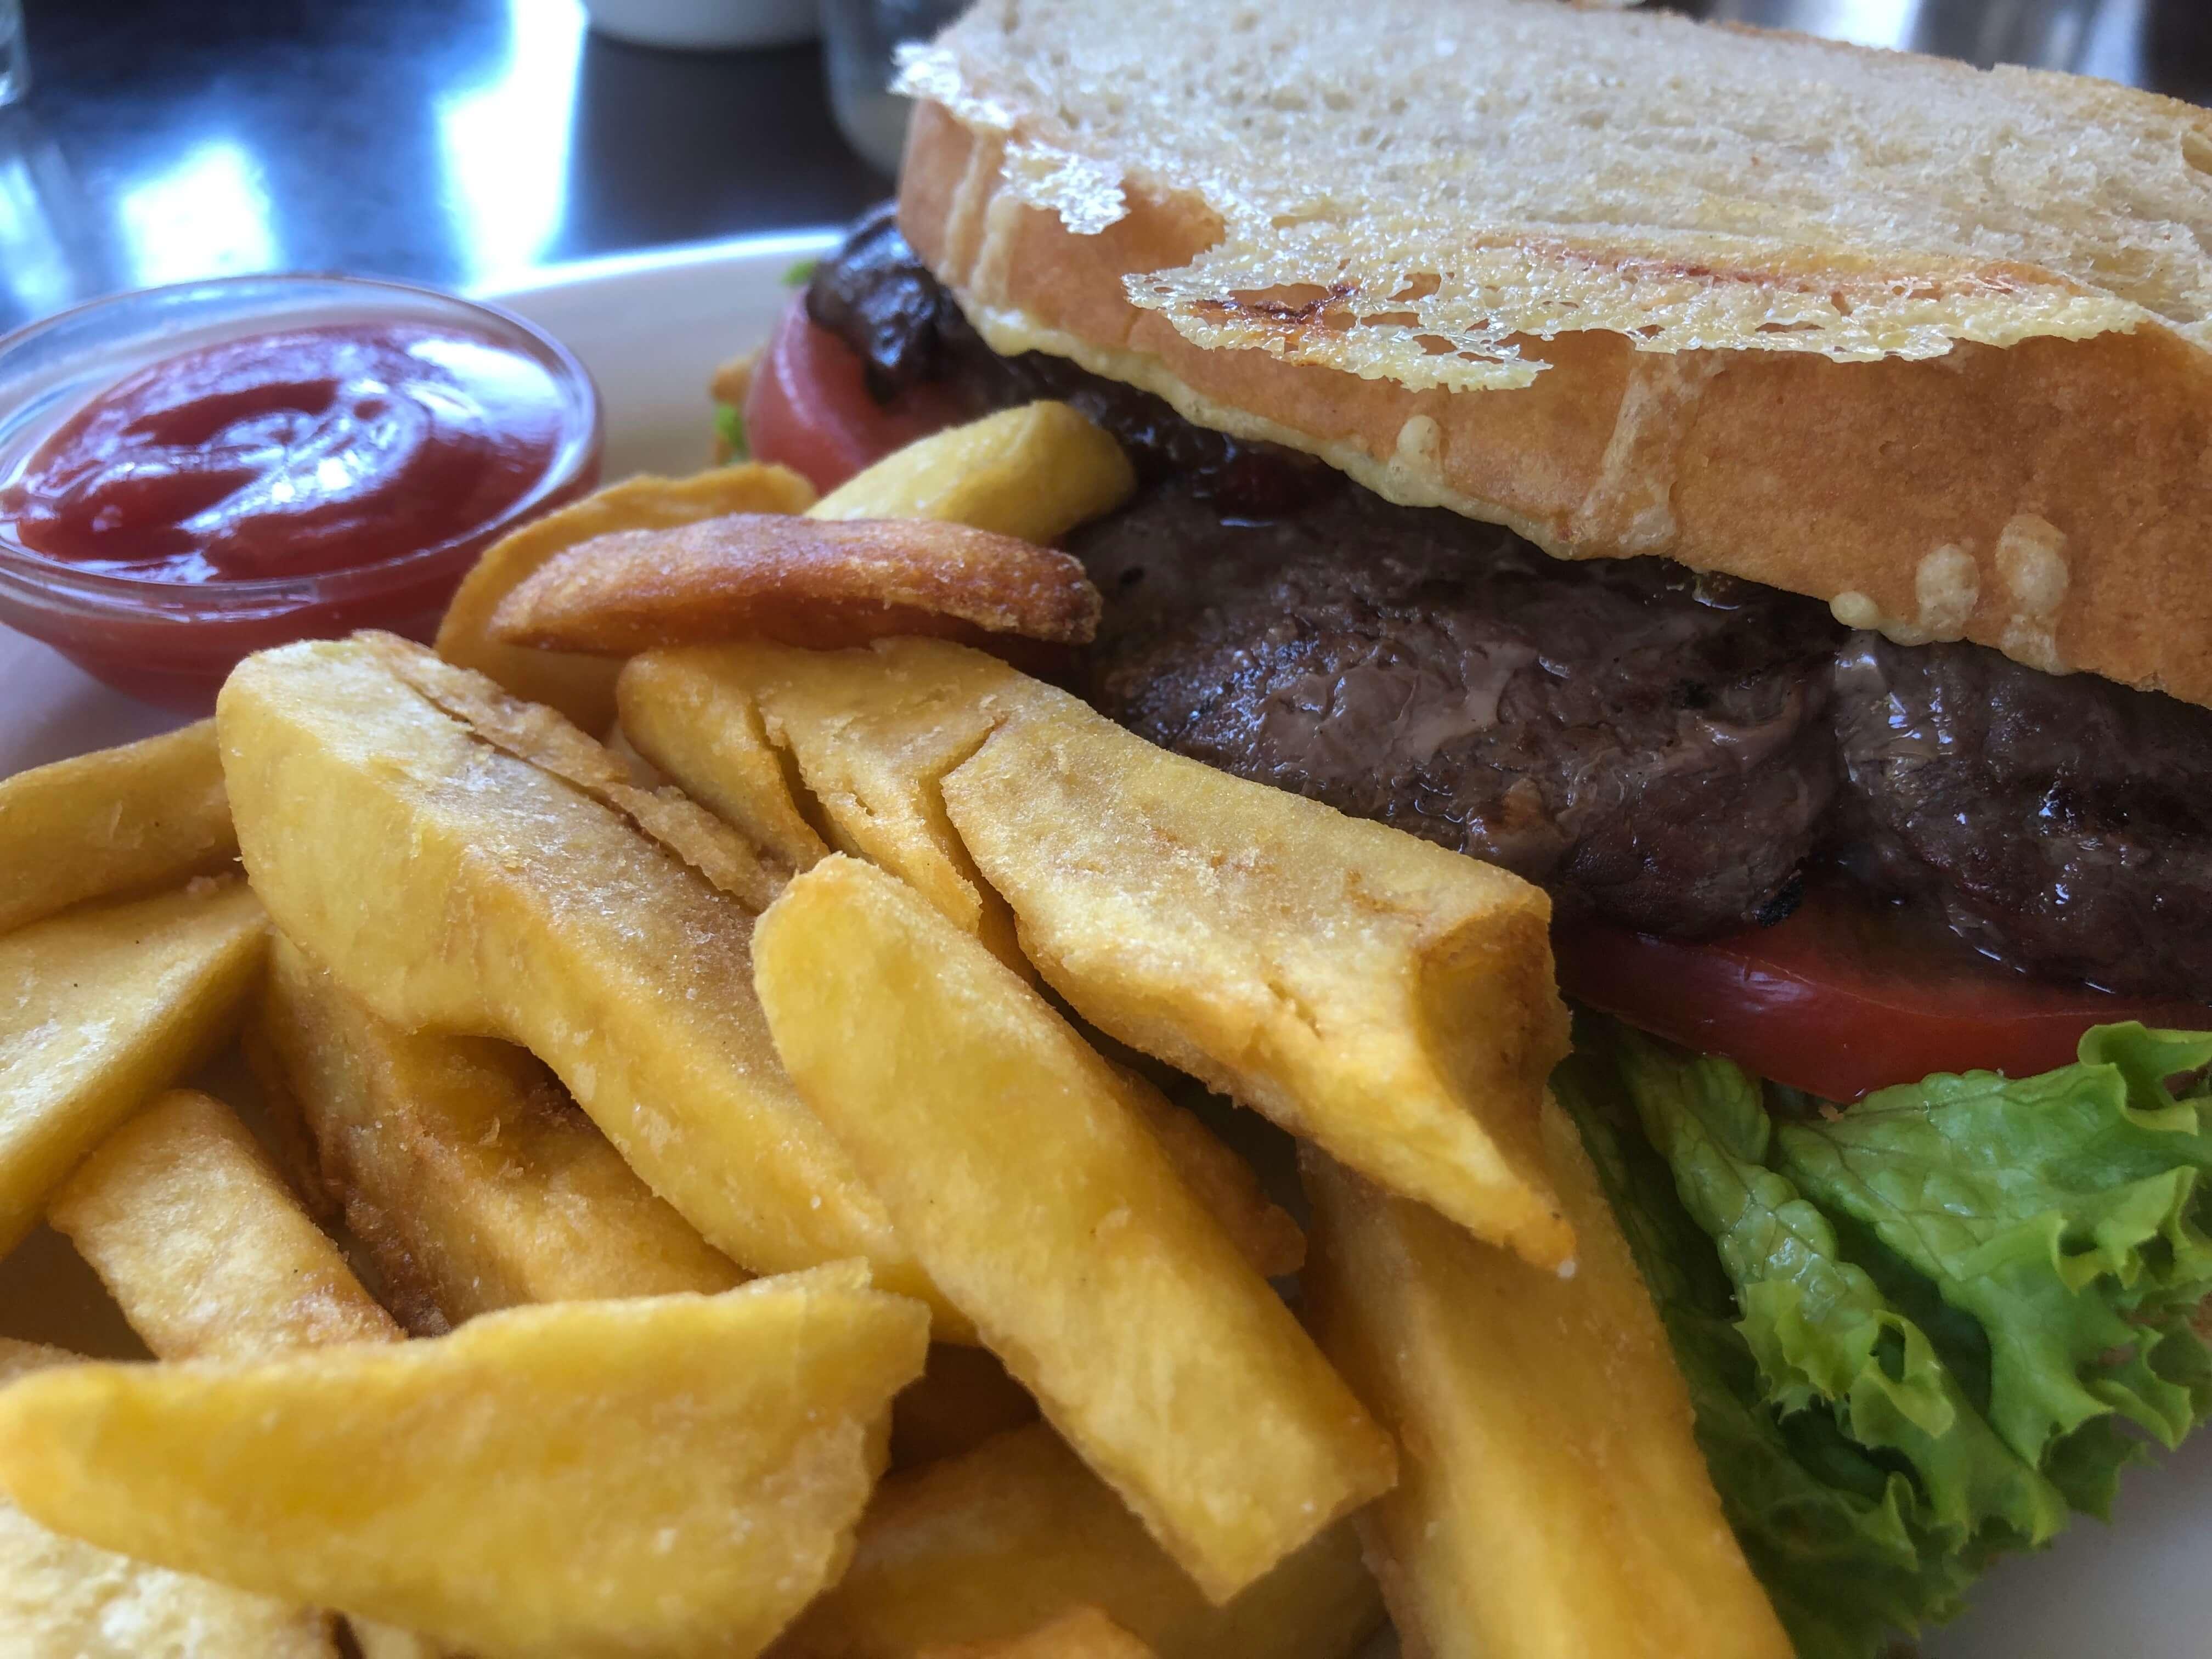 IMG 3461 - 植物肉/大豆肉の流行とビーガンに対するミスリードするメディア